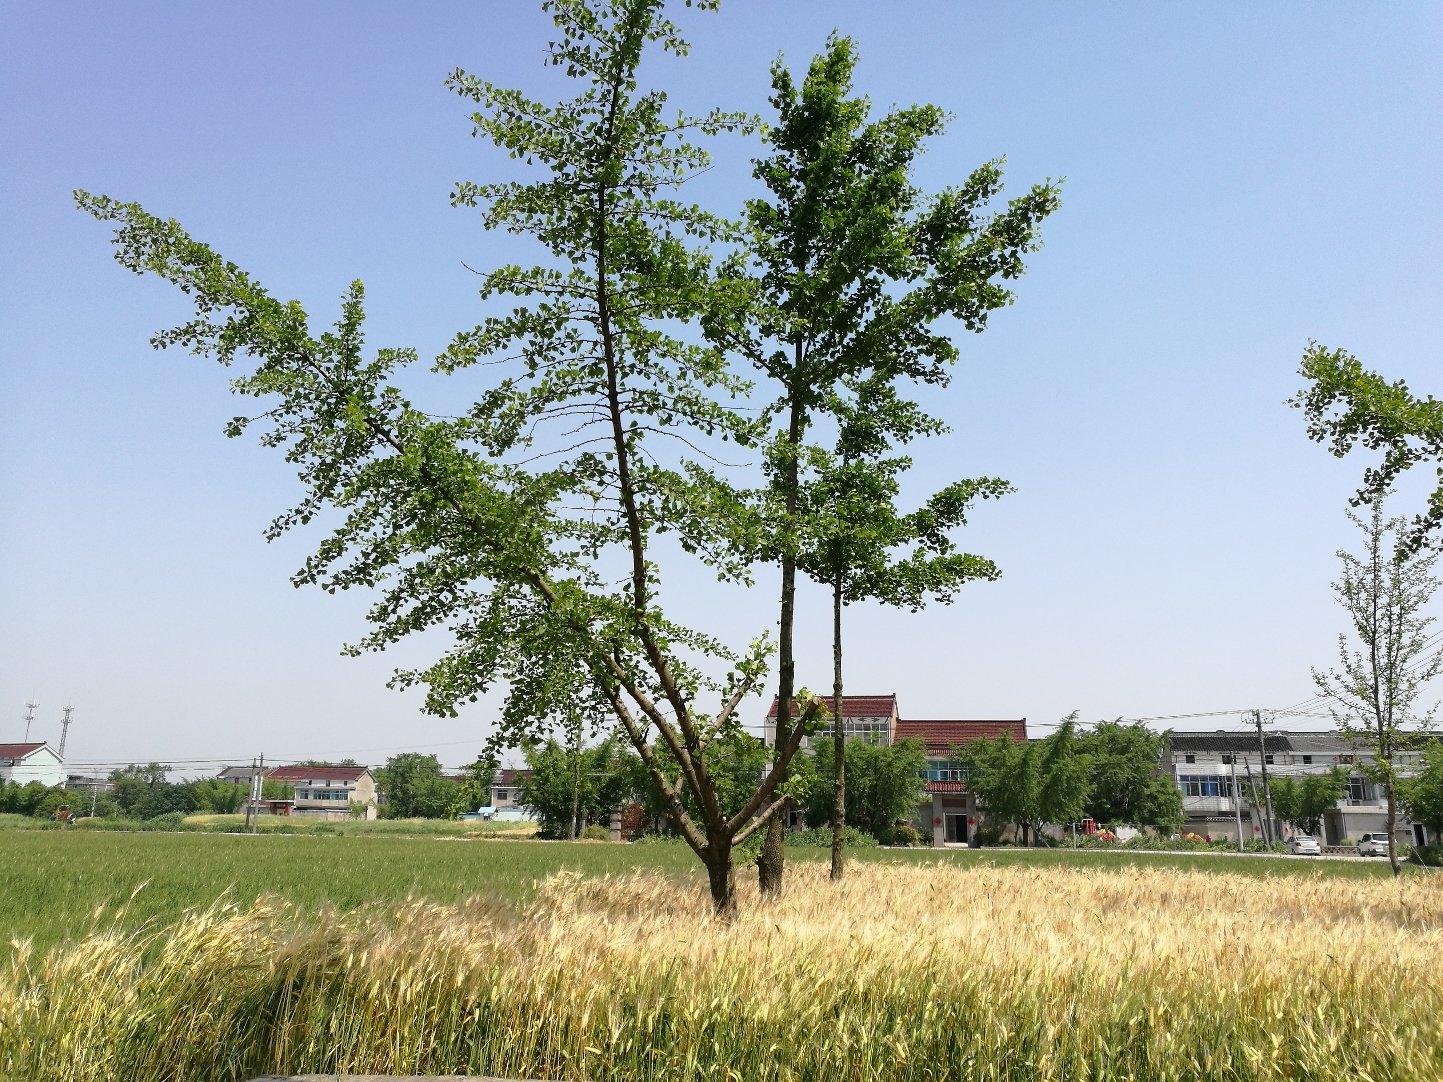 江苏省泰州市高港区_江苏省泰州市高港区s35泰镇高速靠近新庄子天气预报